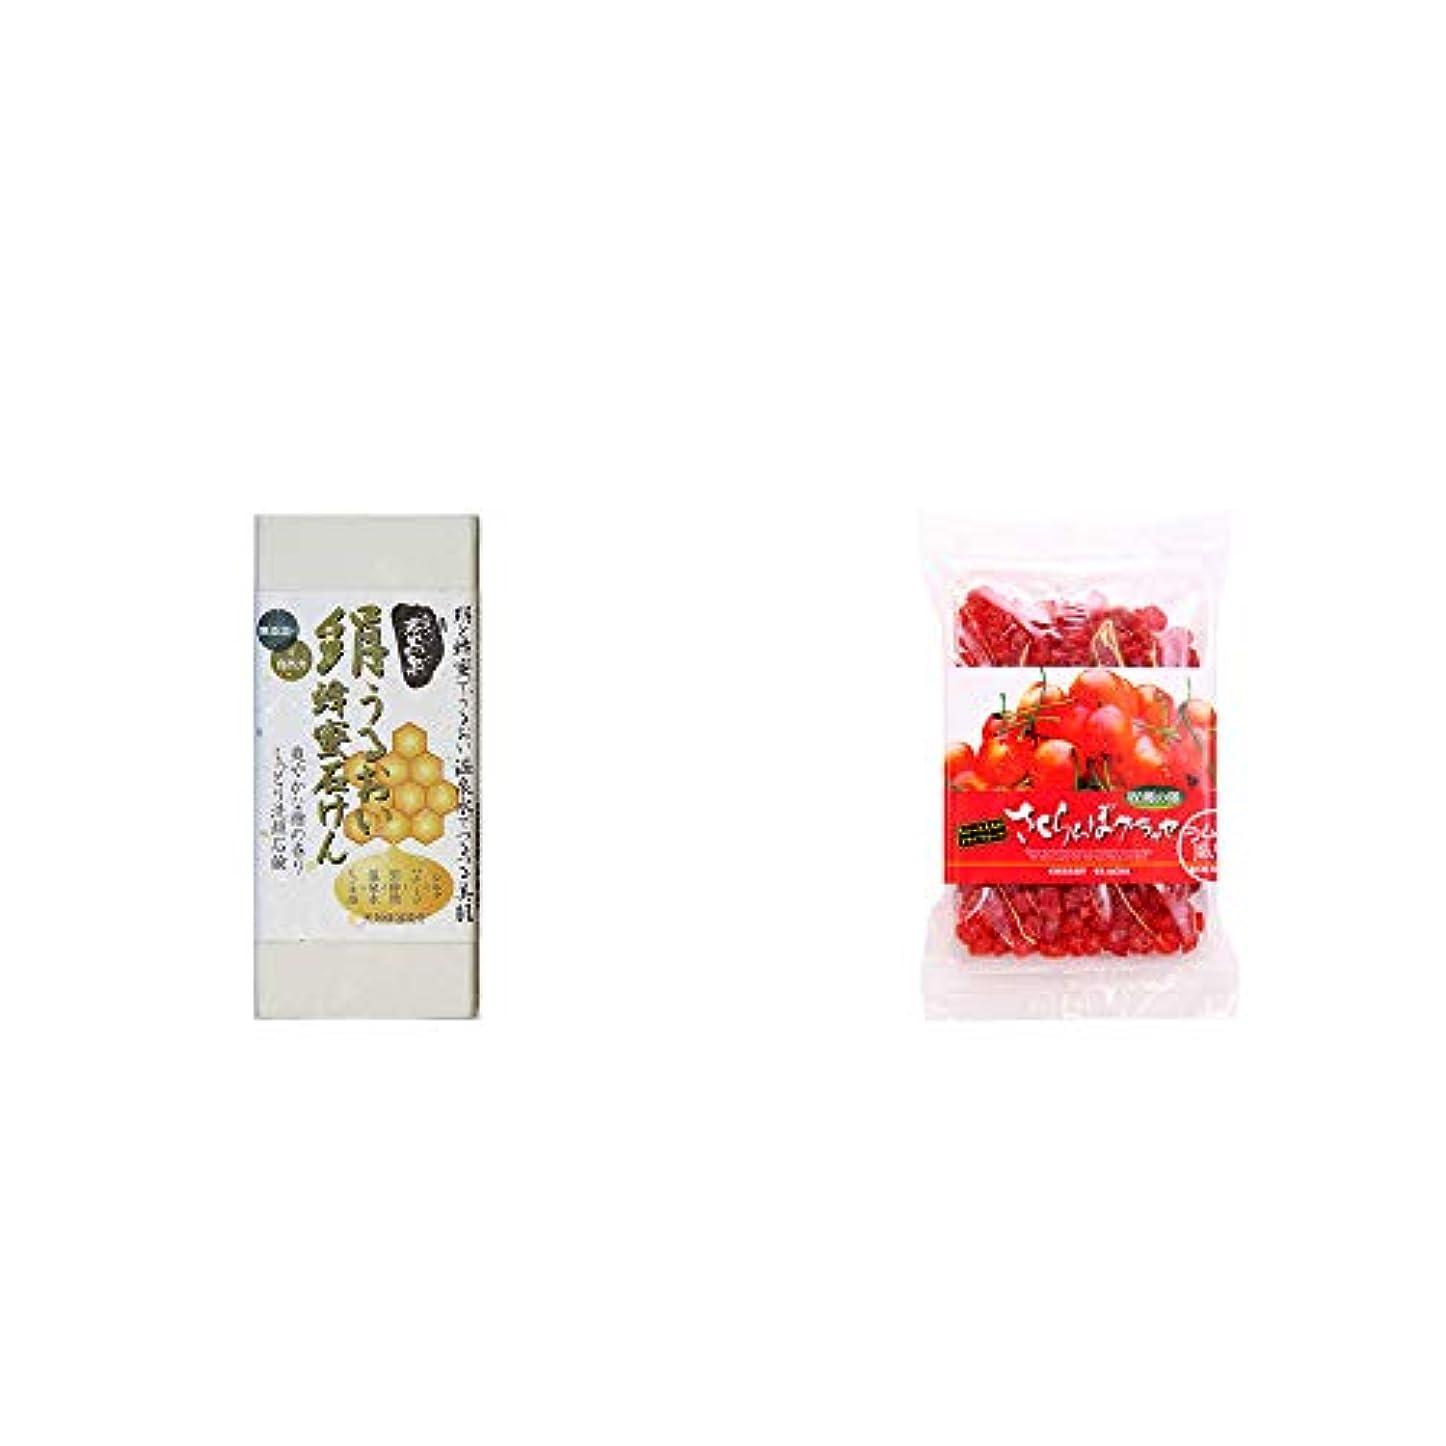 アブストラクトシチリアちょっと待って[2点セット] ひのき炭黒泉 絹うるおい蜂蜜石けん(75g×2)?収穫の朝 さくらんぼグラッセ ラム酒風味(180g)